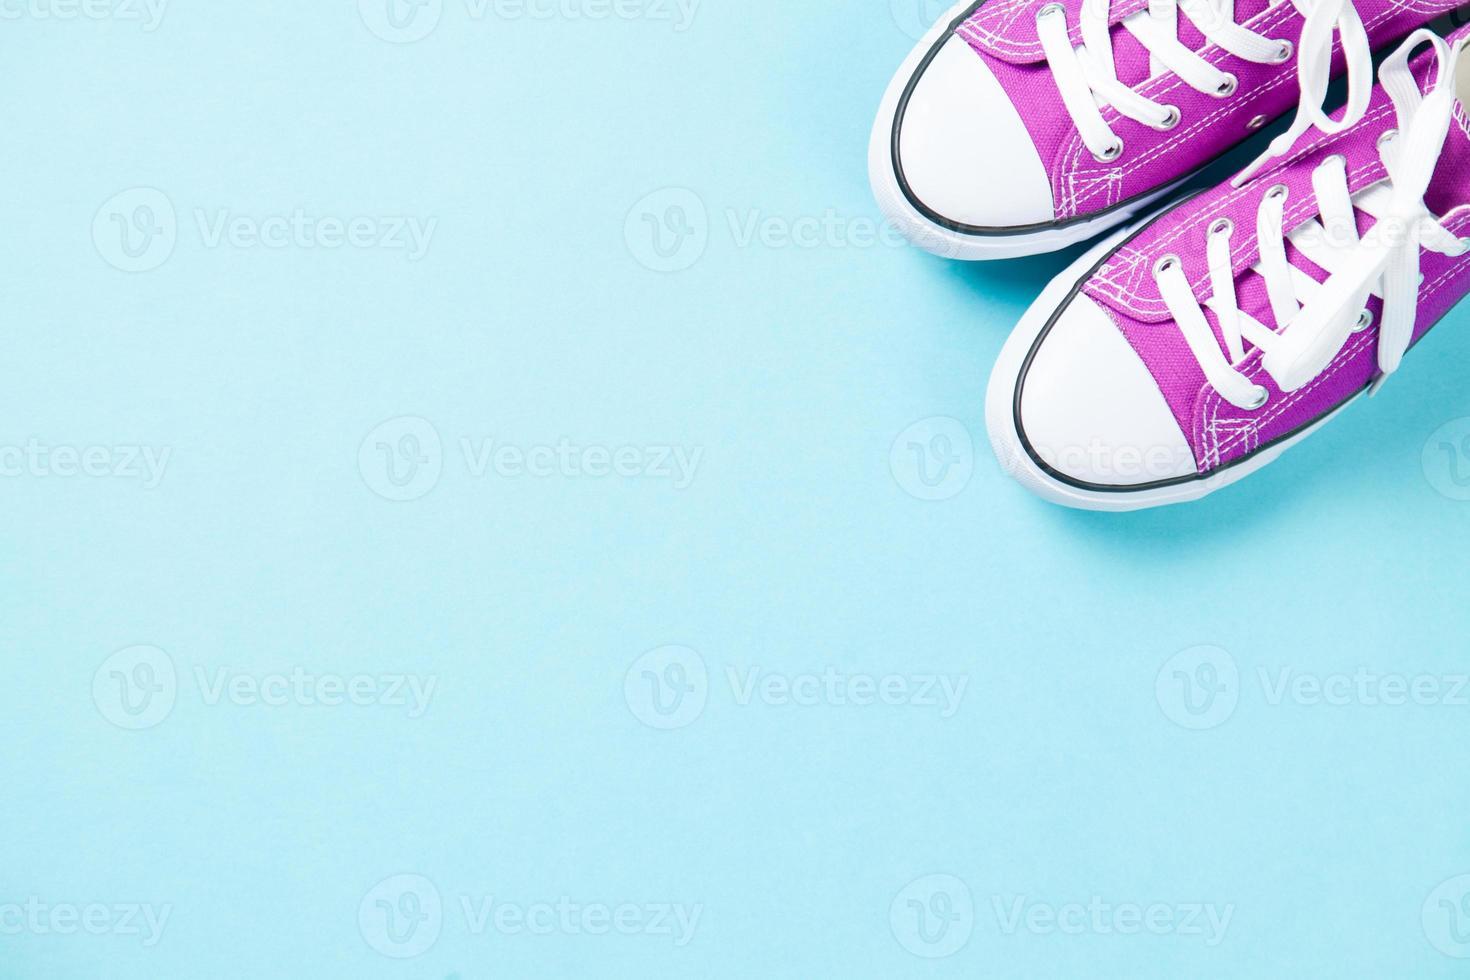 sapatos desportivos roxos com cadarços brancos foto